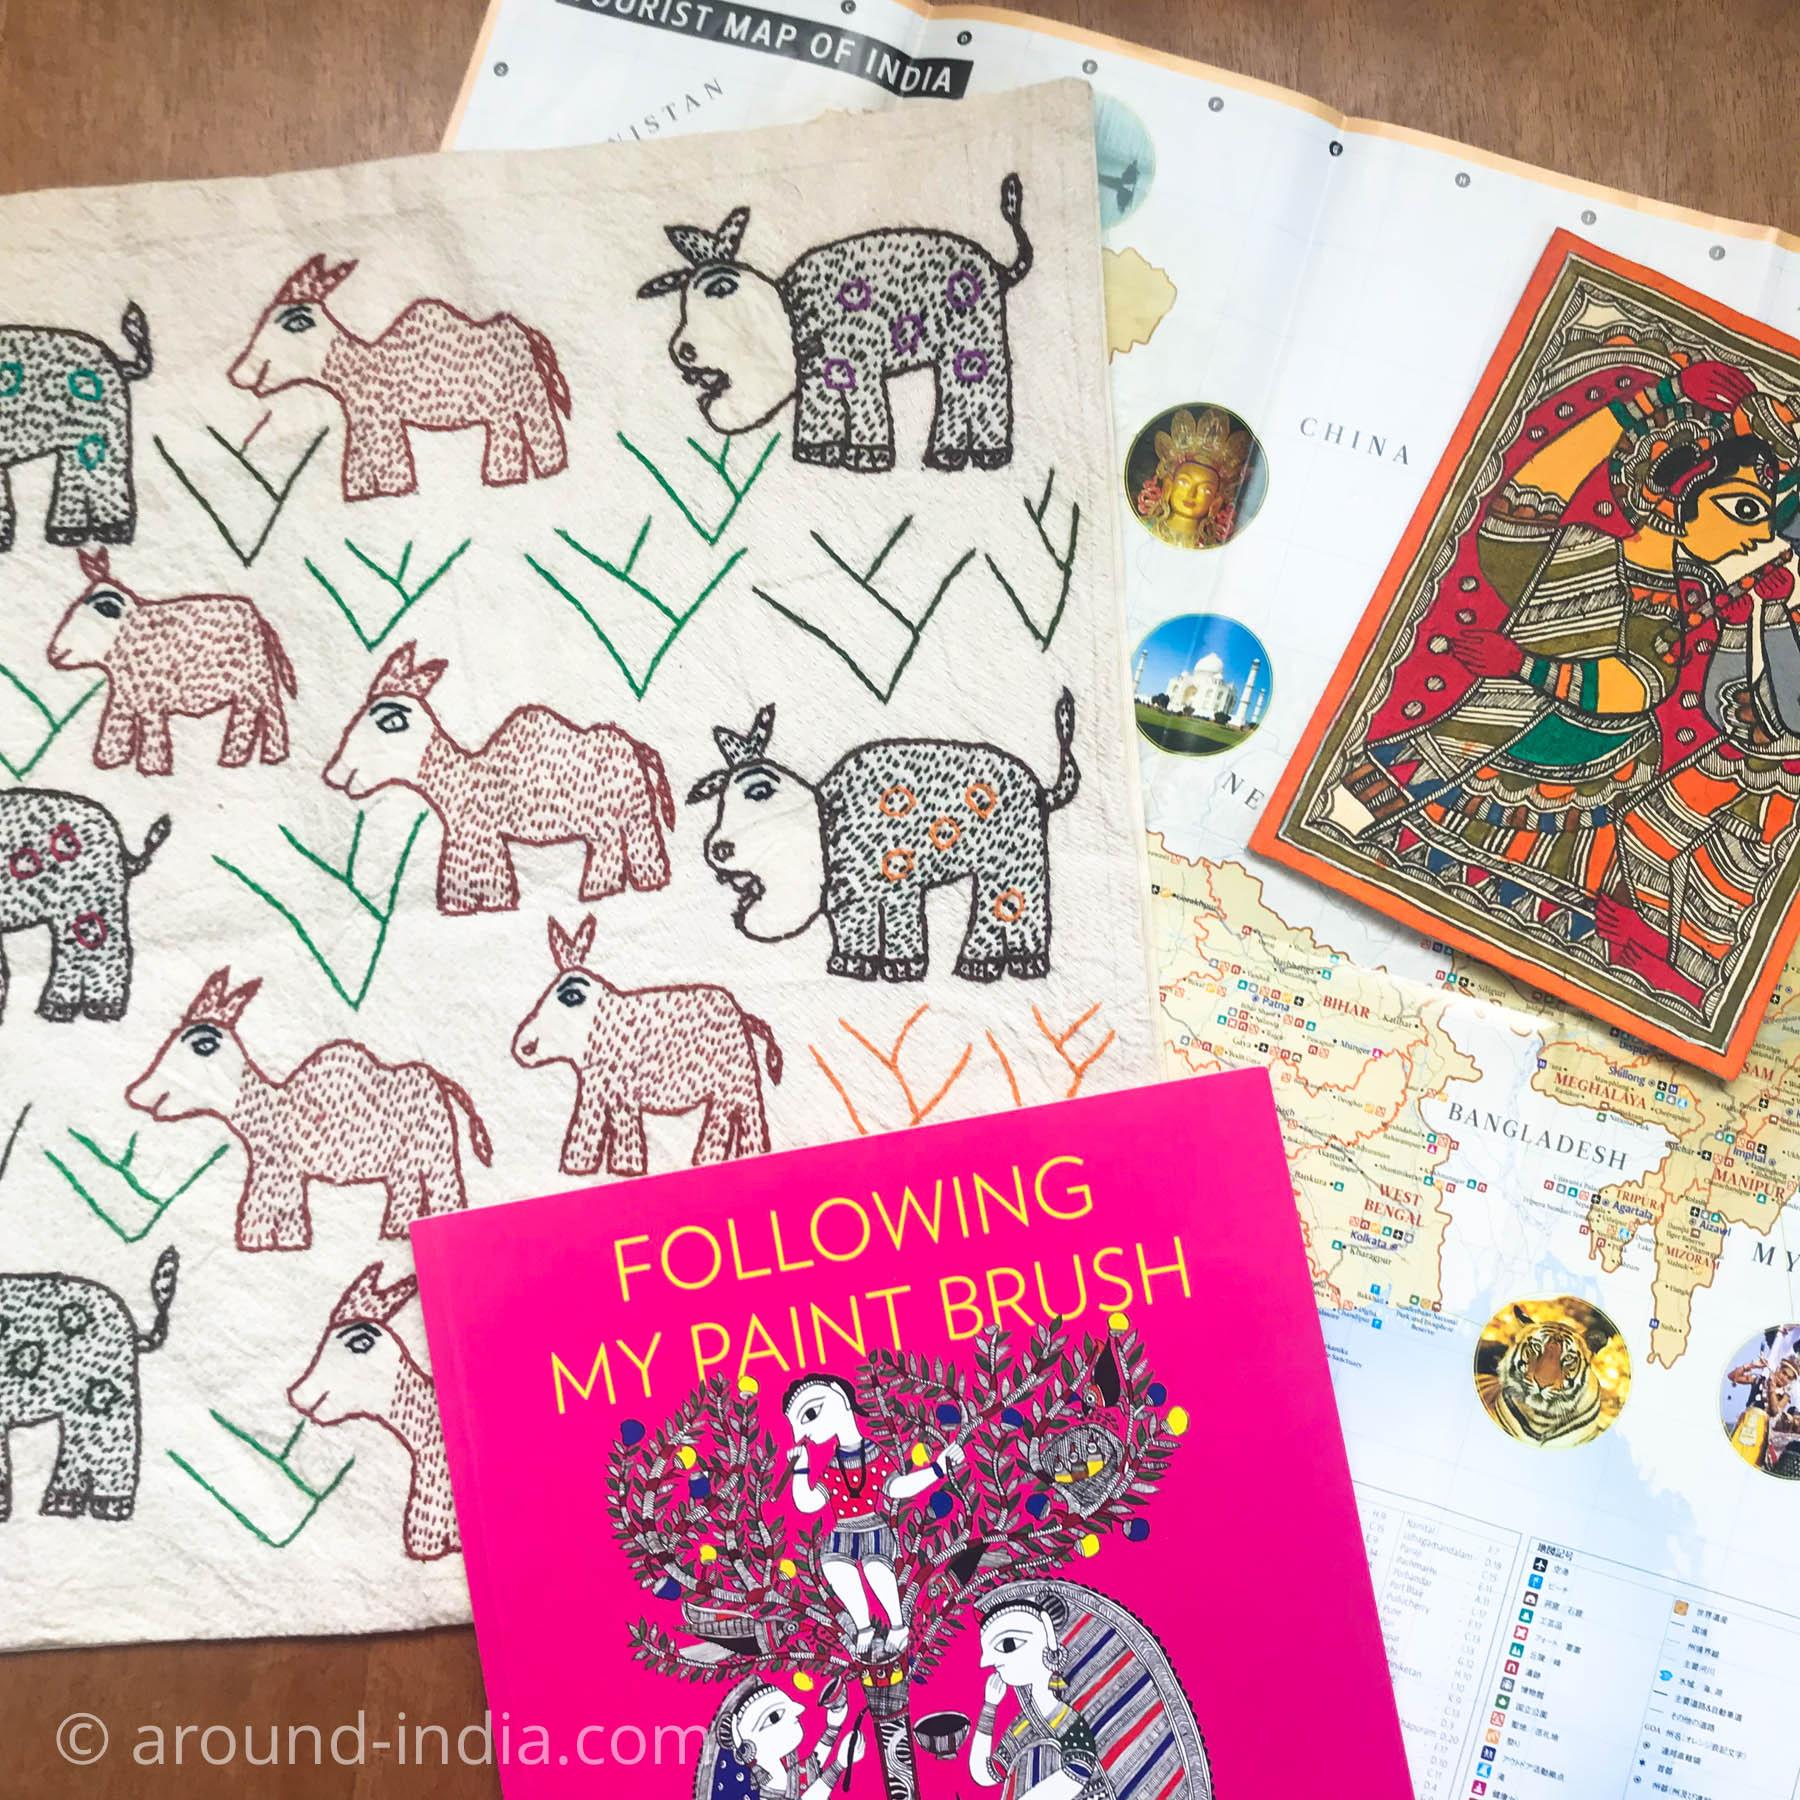 キチュリーの会 ビハールの地図とミティラー画、刺繍